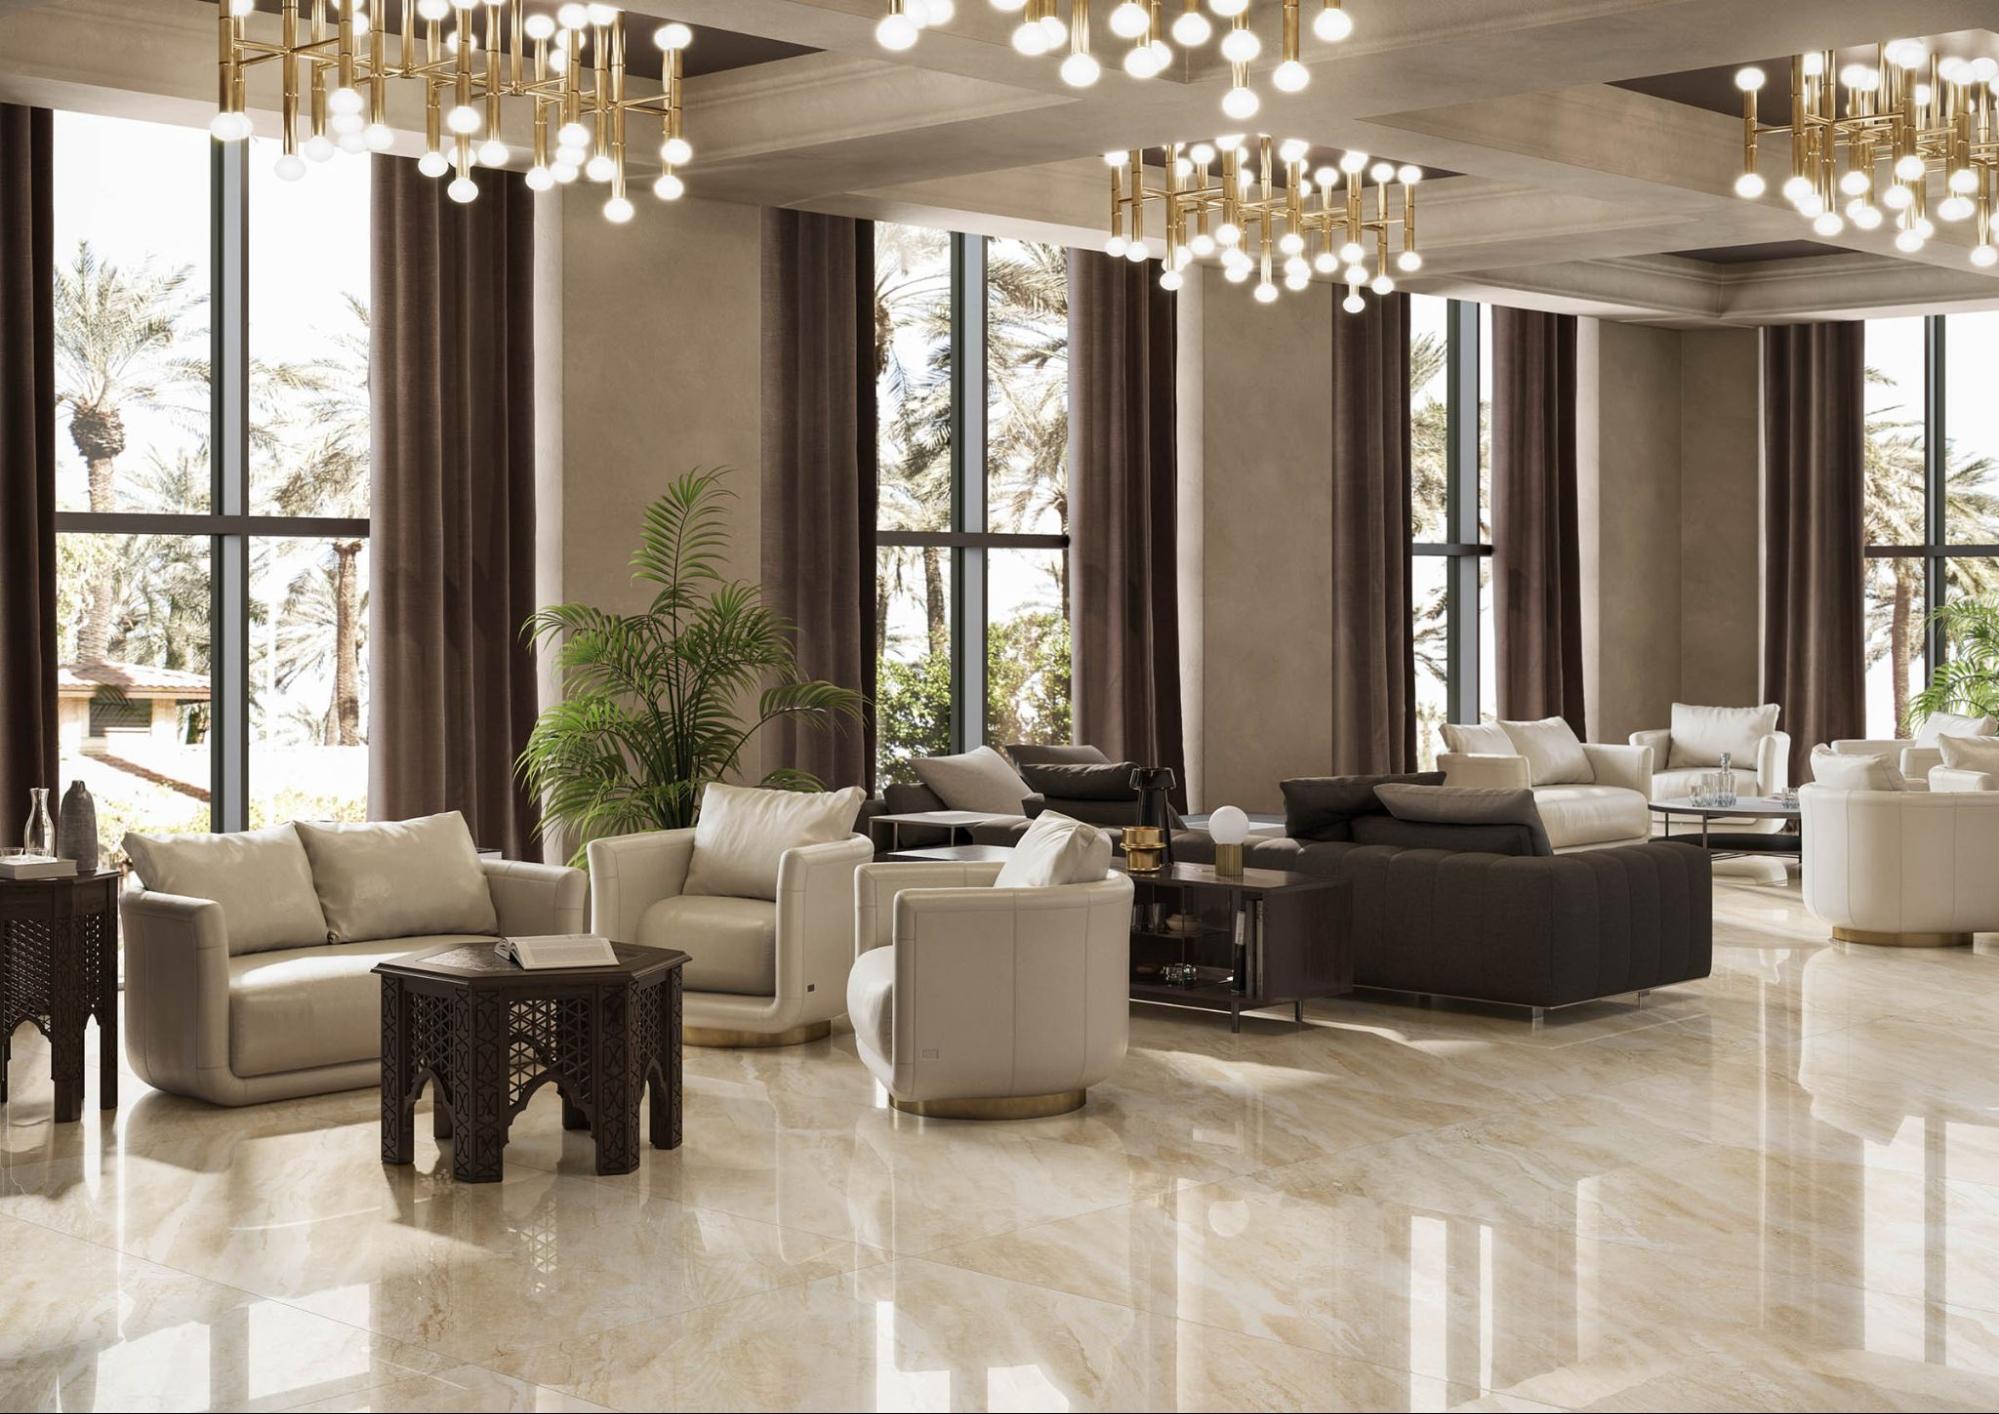 Breccia Marble Slab In Living Room